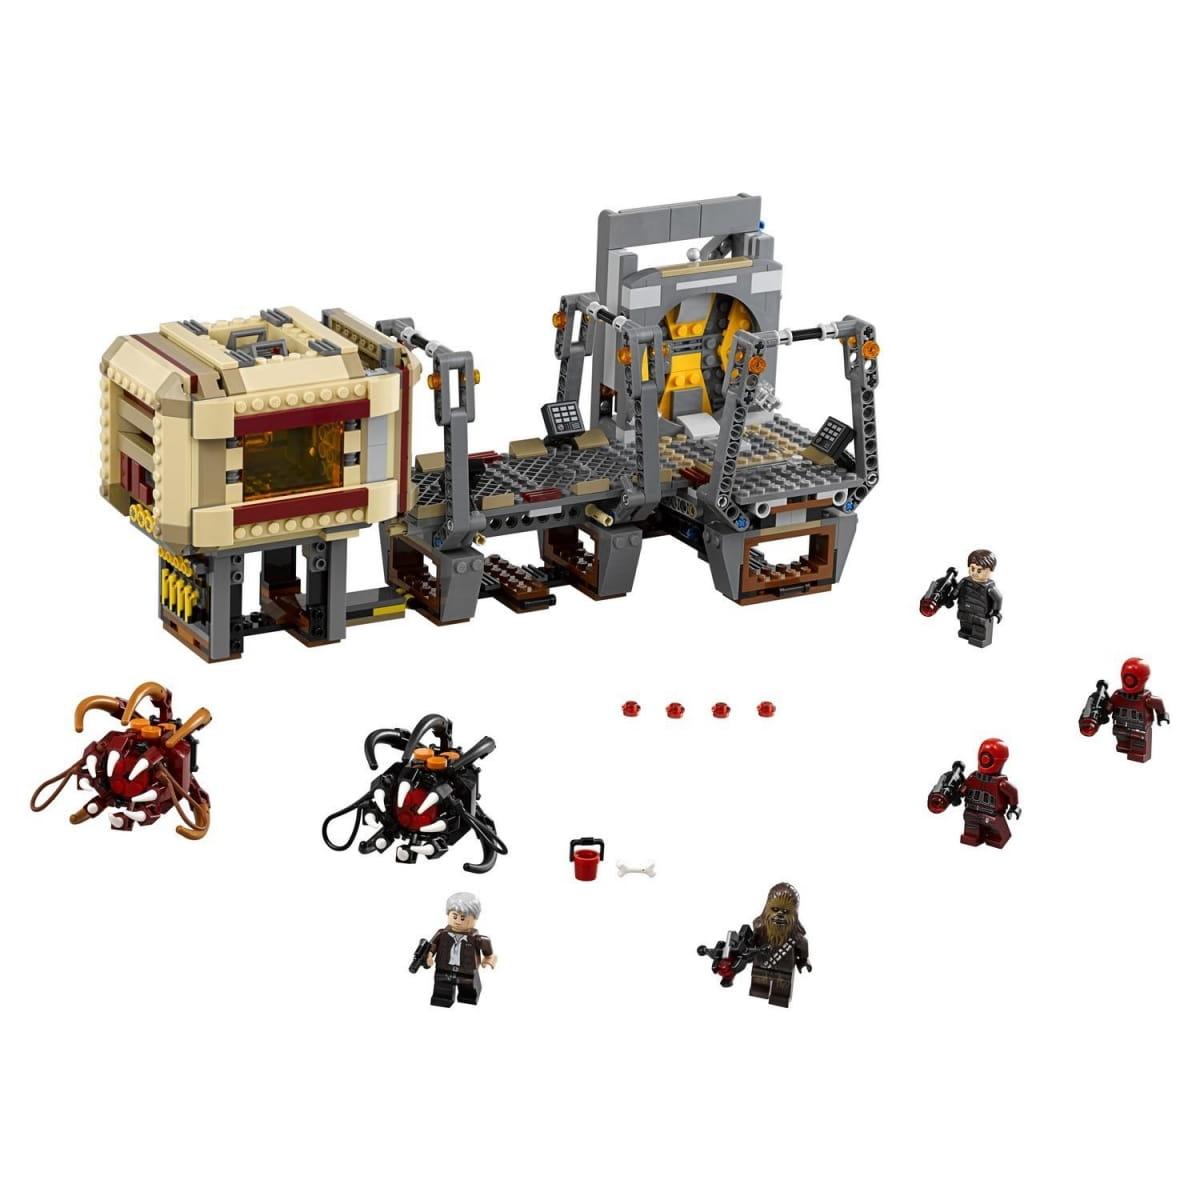 Конструктор Lego Star Wars Лего Звездные войны Побег Рафтара - Конструкторы LEGO